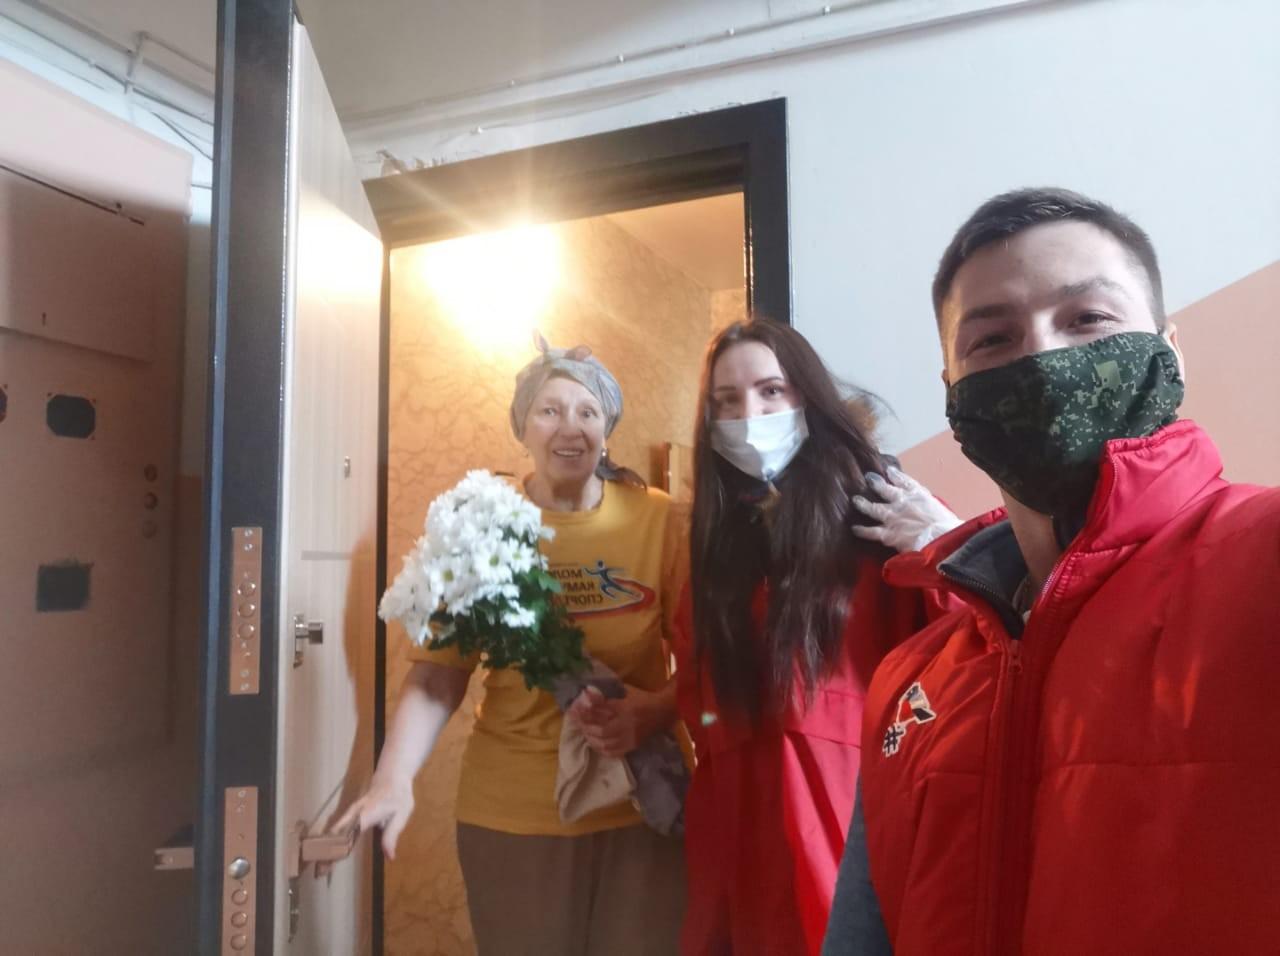 Камчатские волонтёры поздравили пенсионерку в режиме самоизоляции